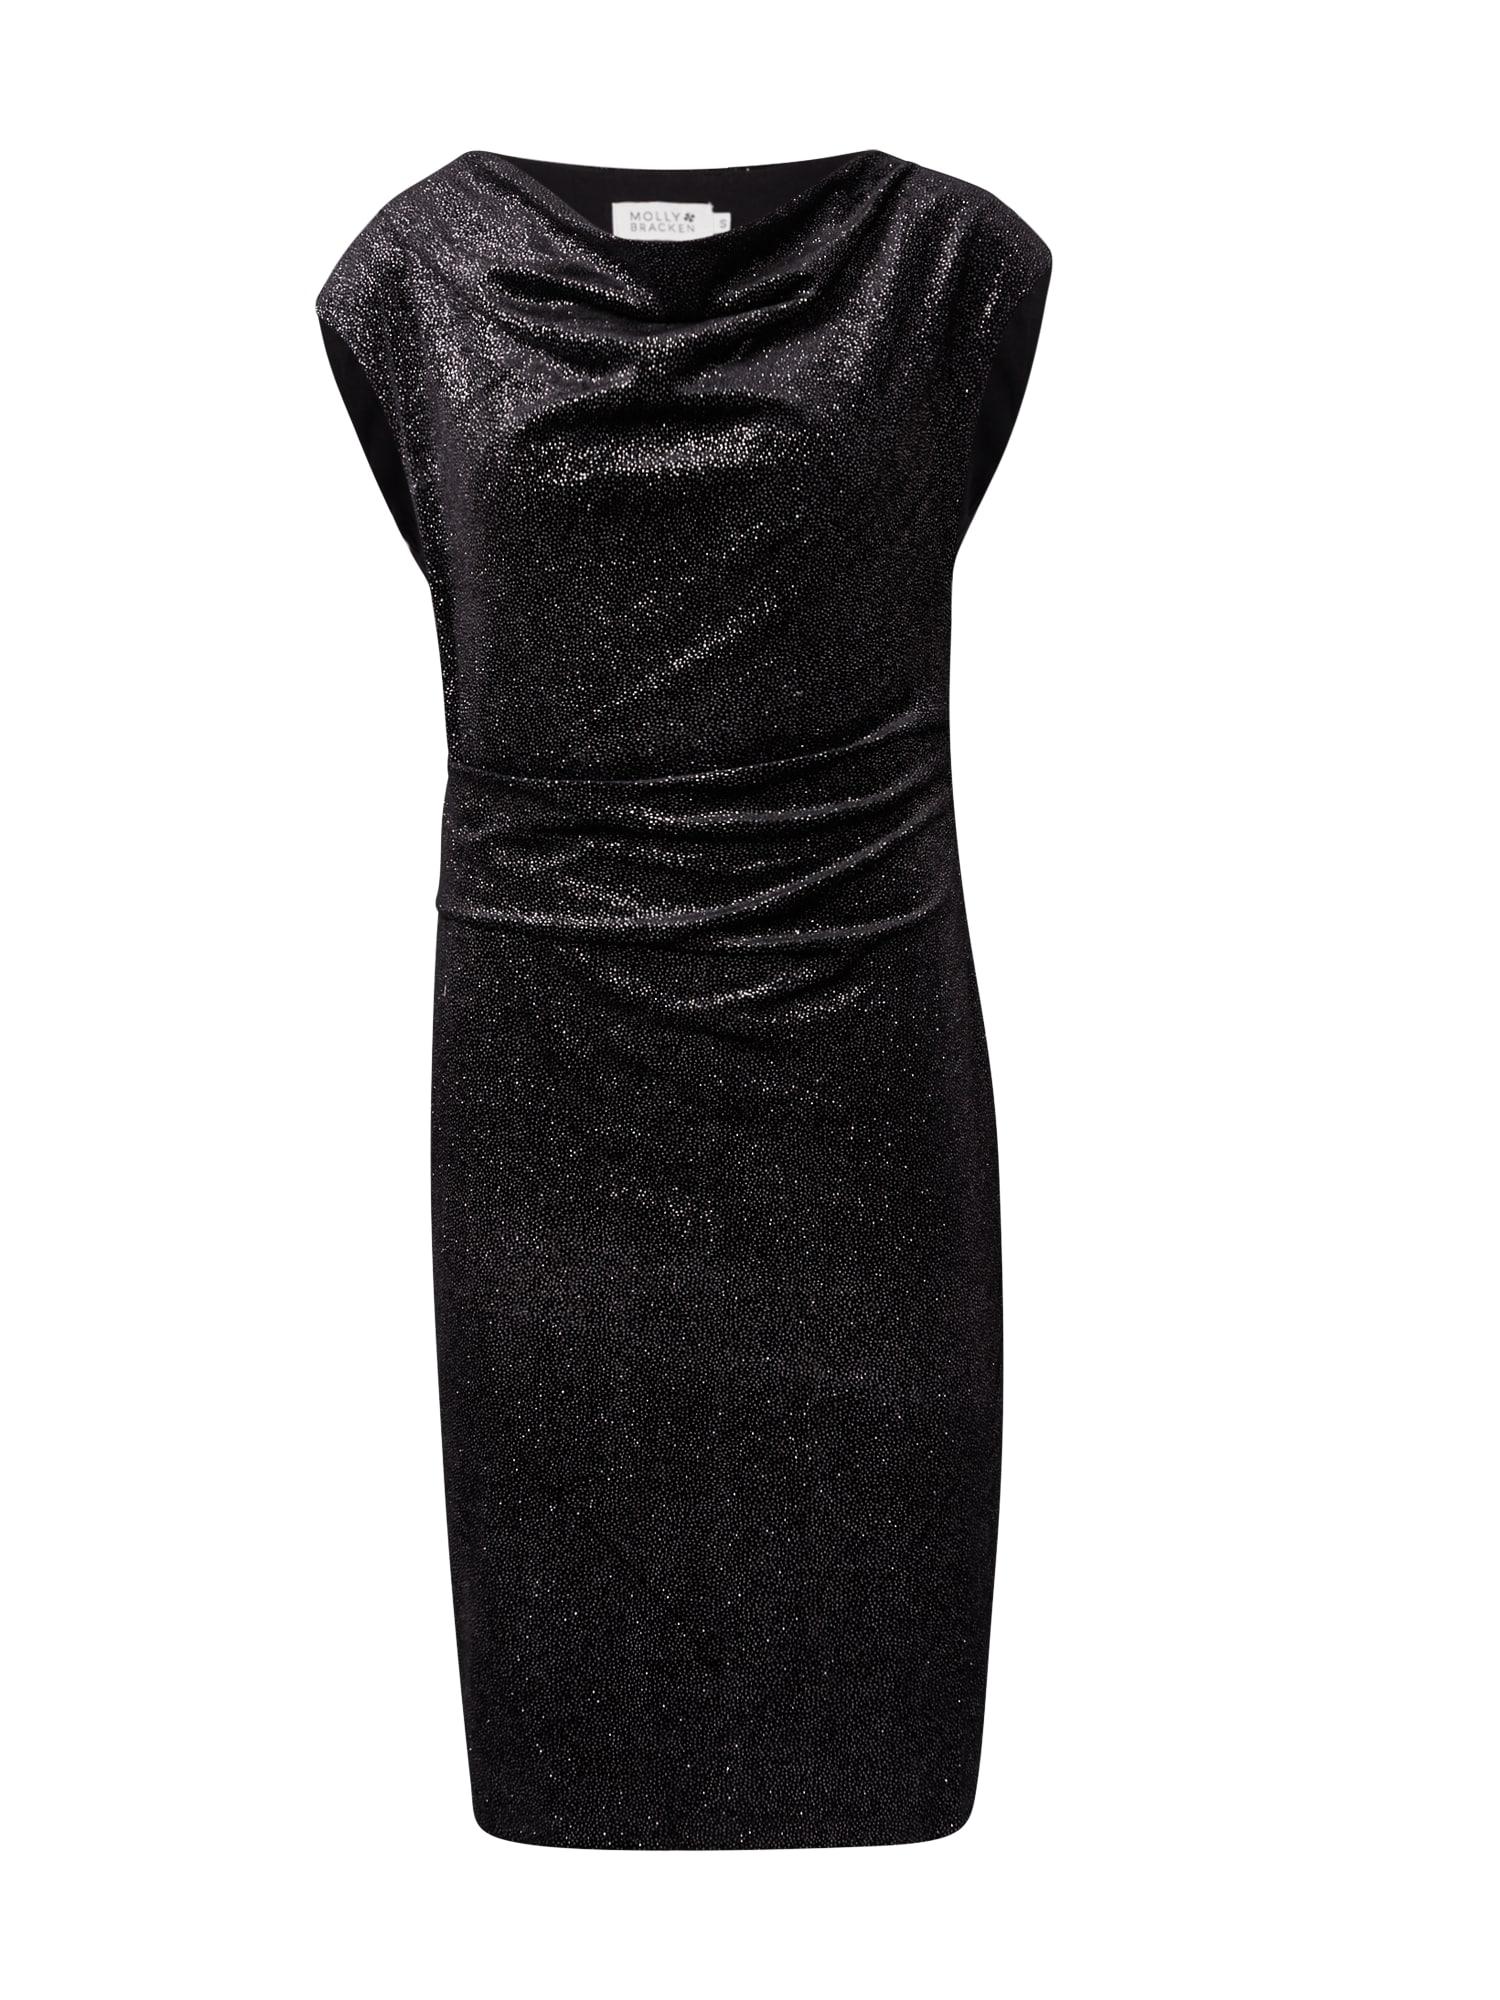 Molly BRACKEN Suknelė juoda / sidabrinė